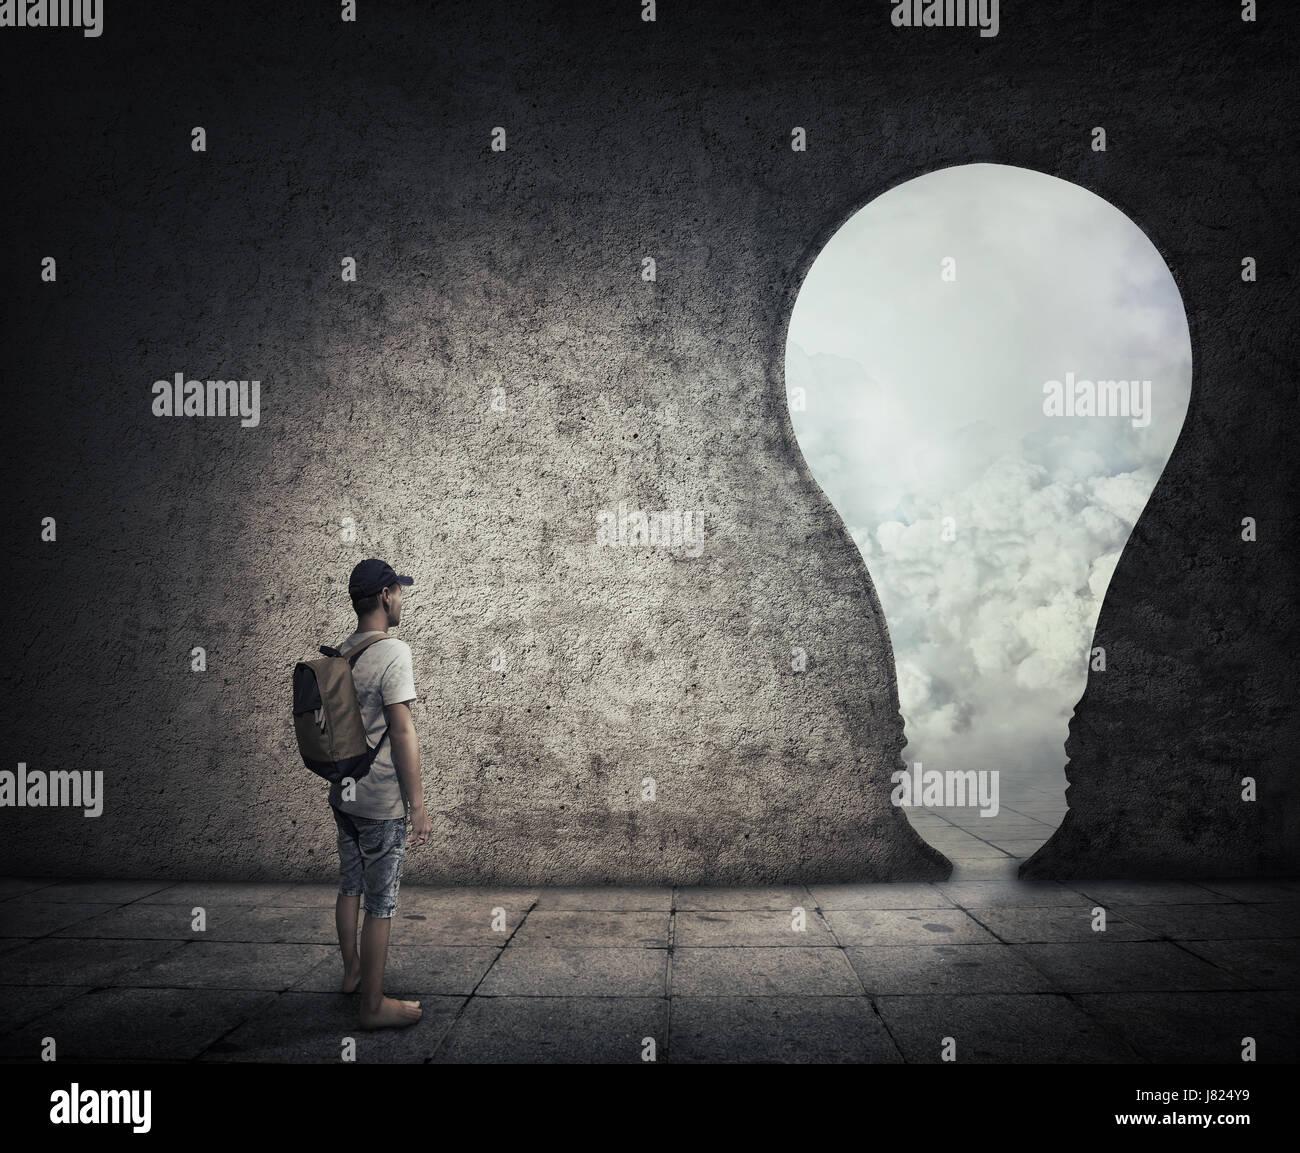 Image conceptuelle avec une personne debout dans une pièce sombre, en face d'une porte en forme d'ampoule. Photo Stock